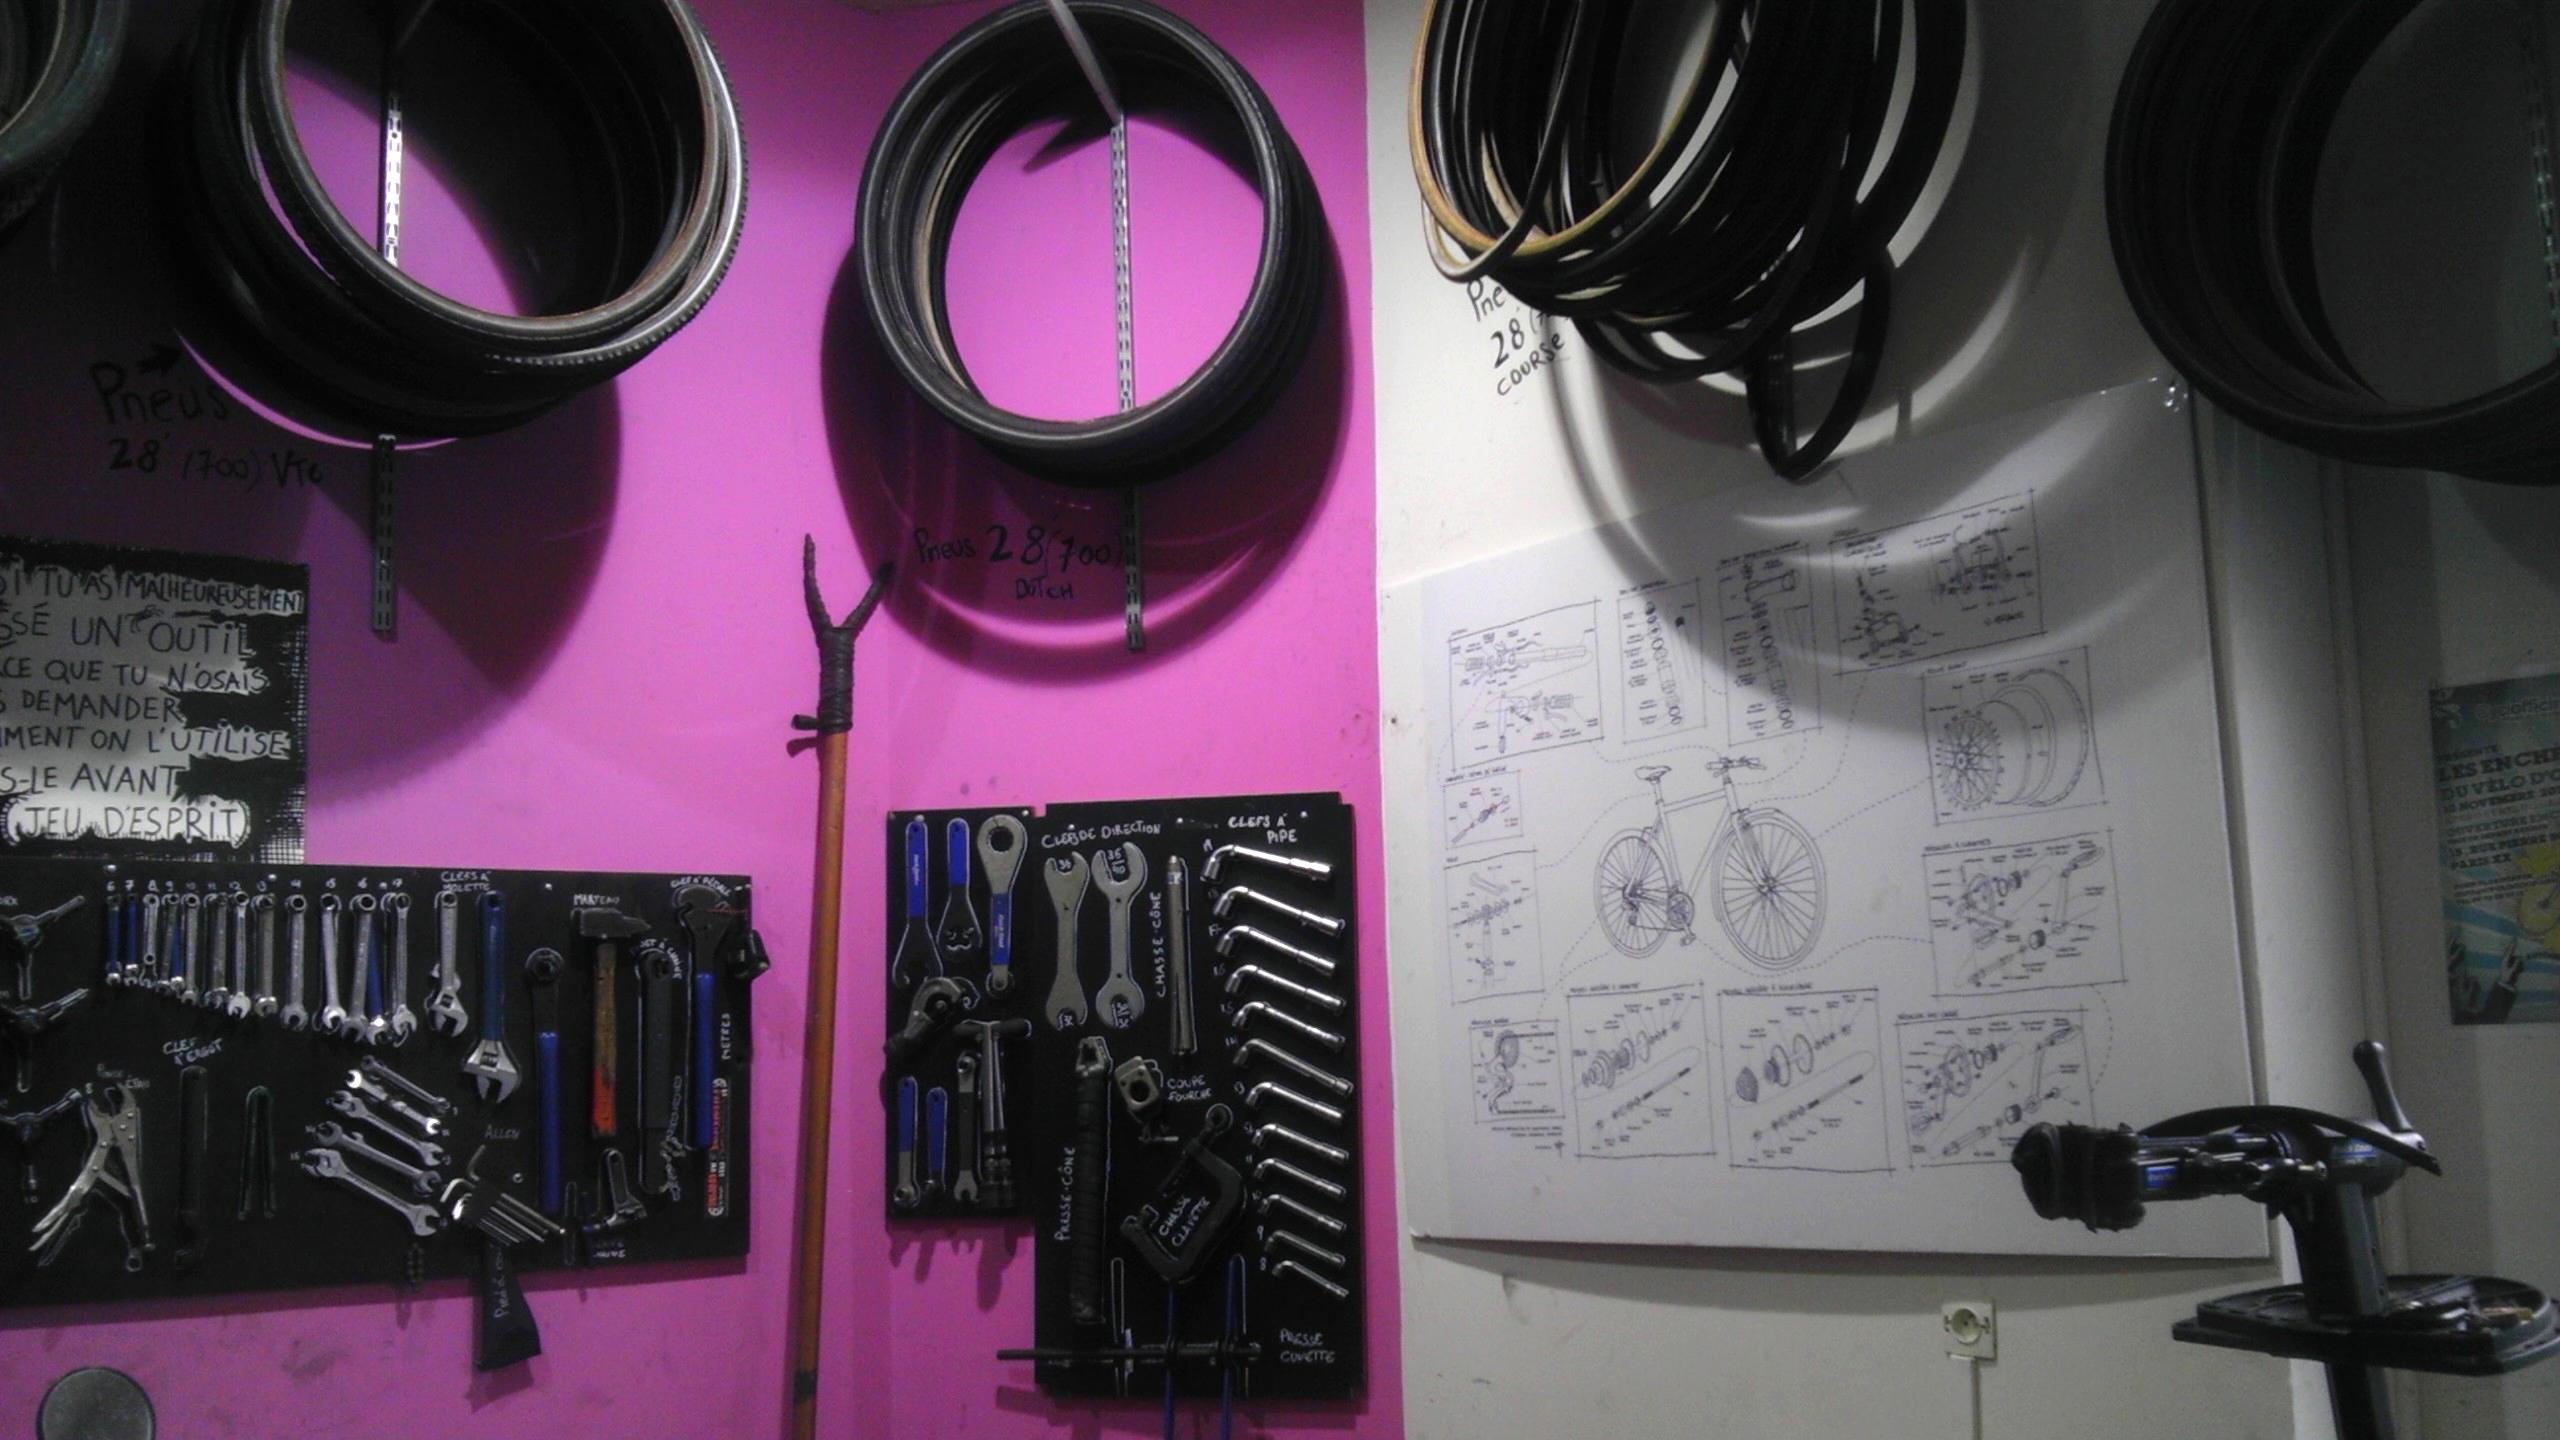 L'atelier Cyclofficine Paris Fougères, situé au 3 rue de Noisy le Sec, à Paris 20. Le CycloLabo